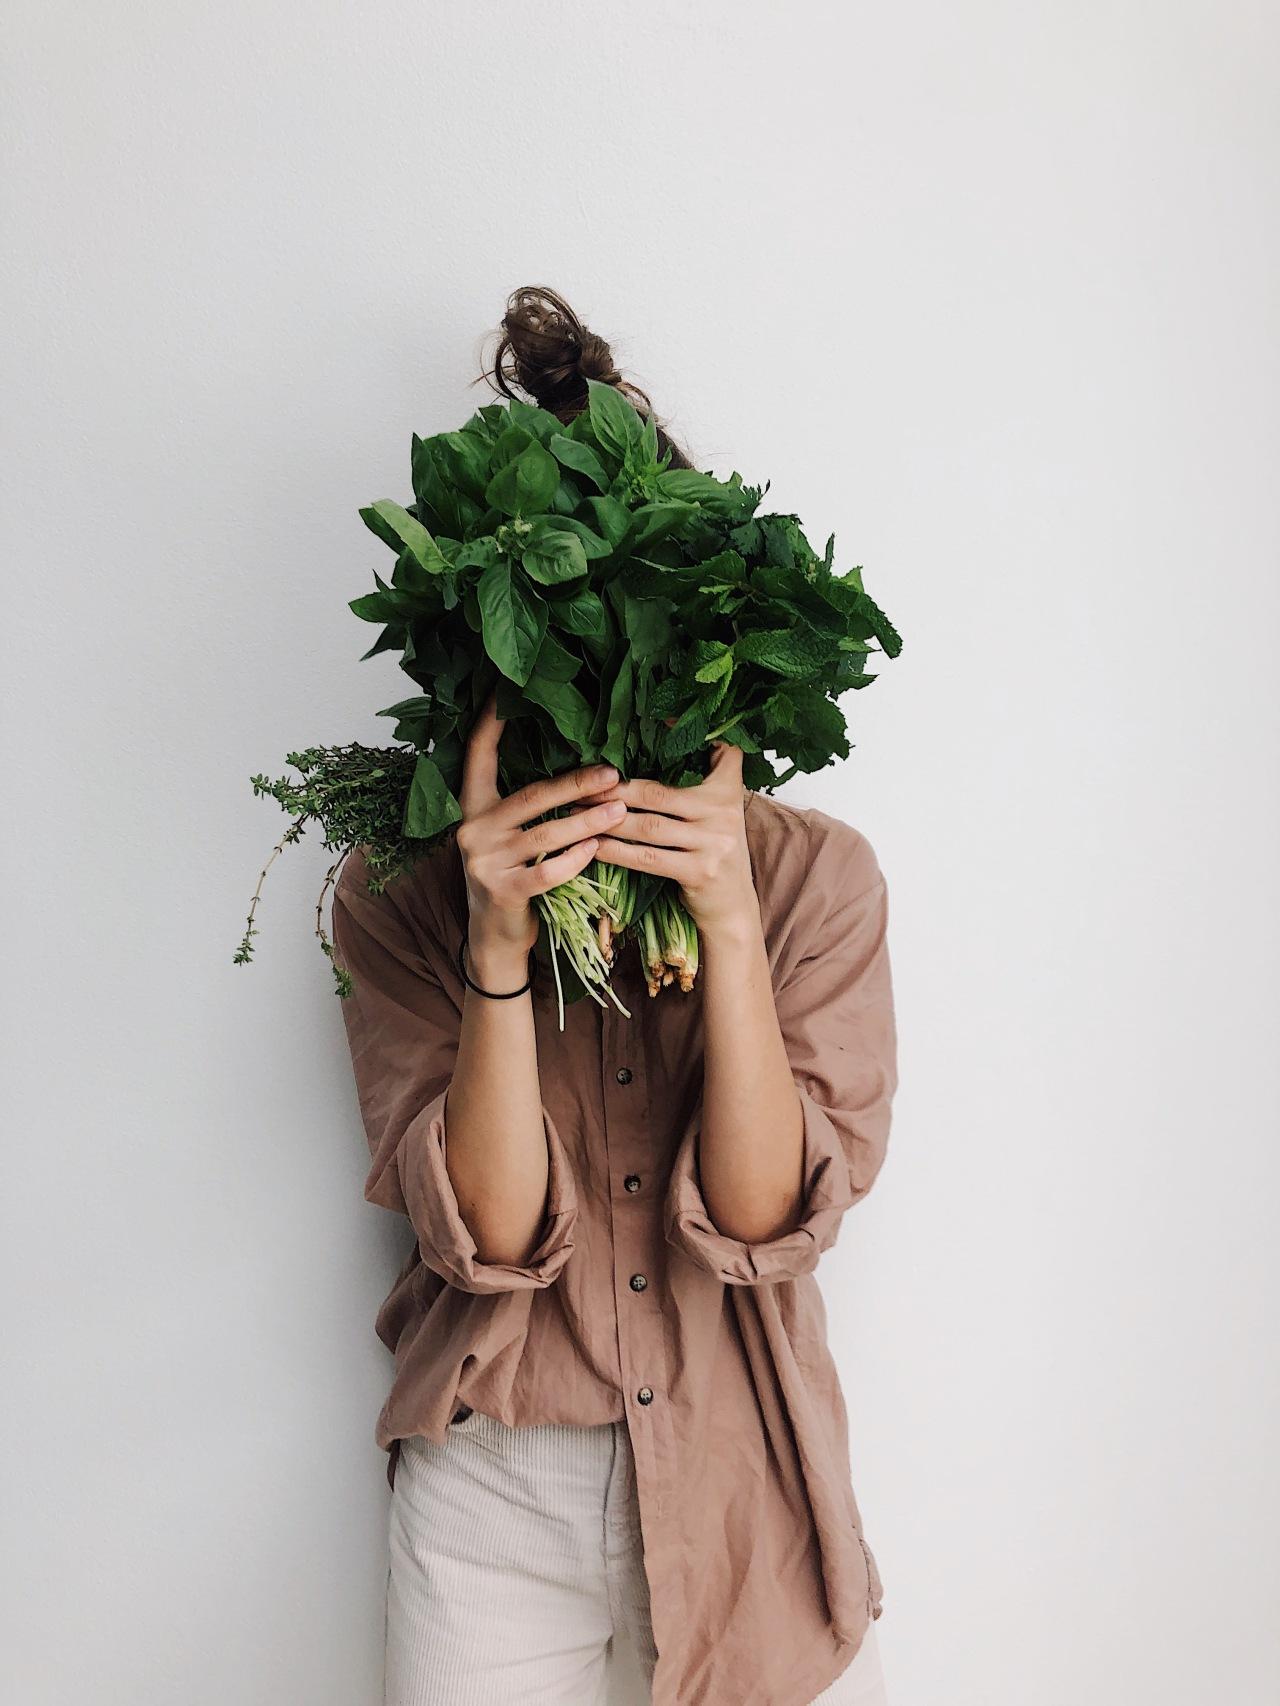 Αυτό είναι το φυτό της αντιγήρανσης και τηςμακροζωίας